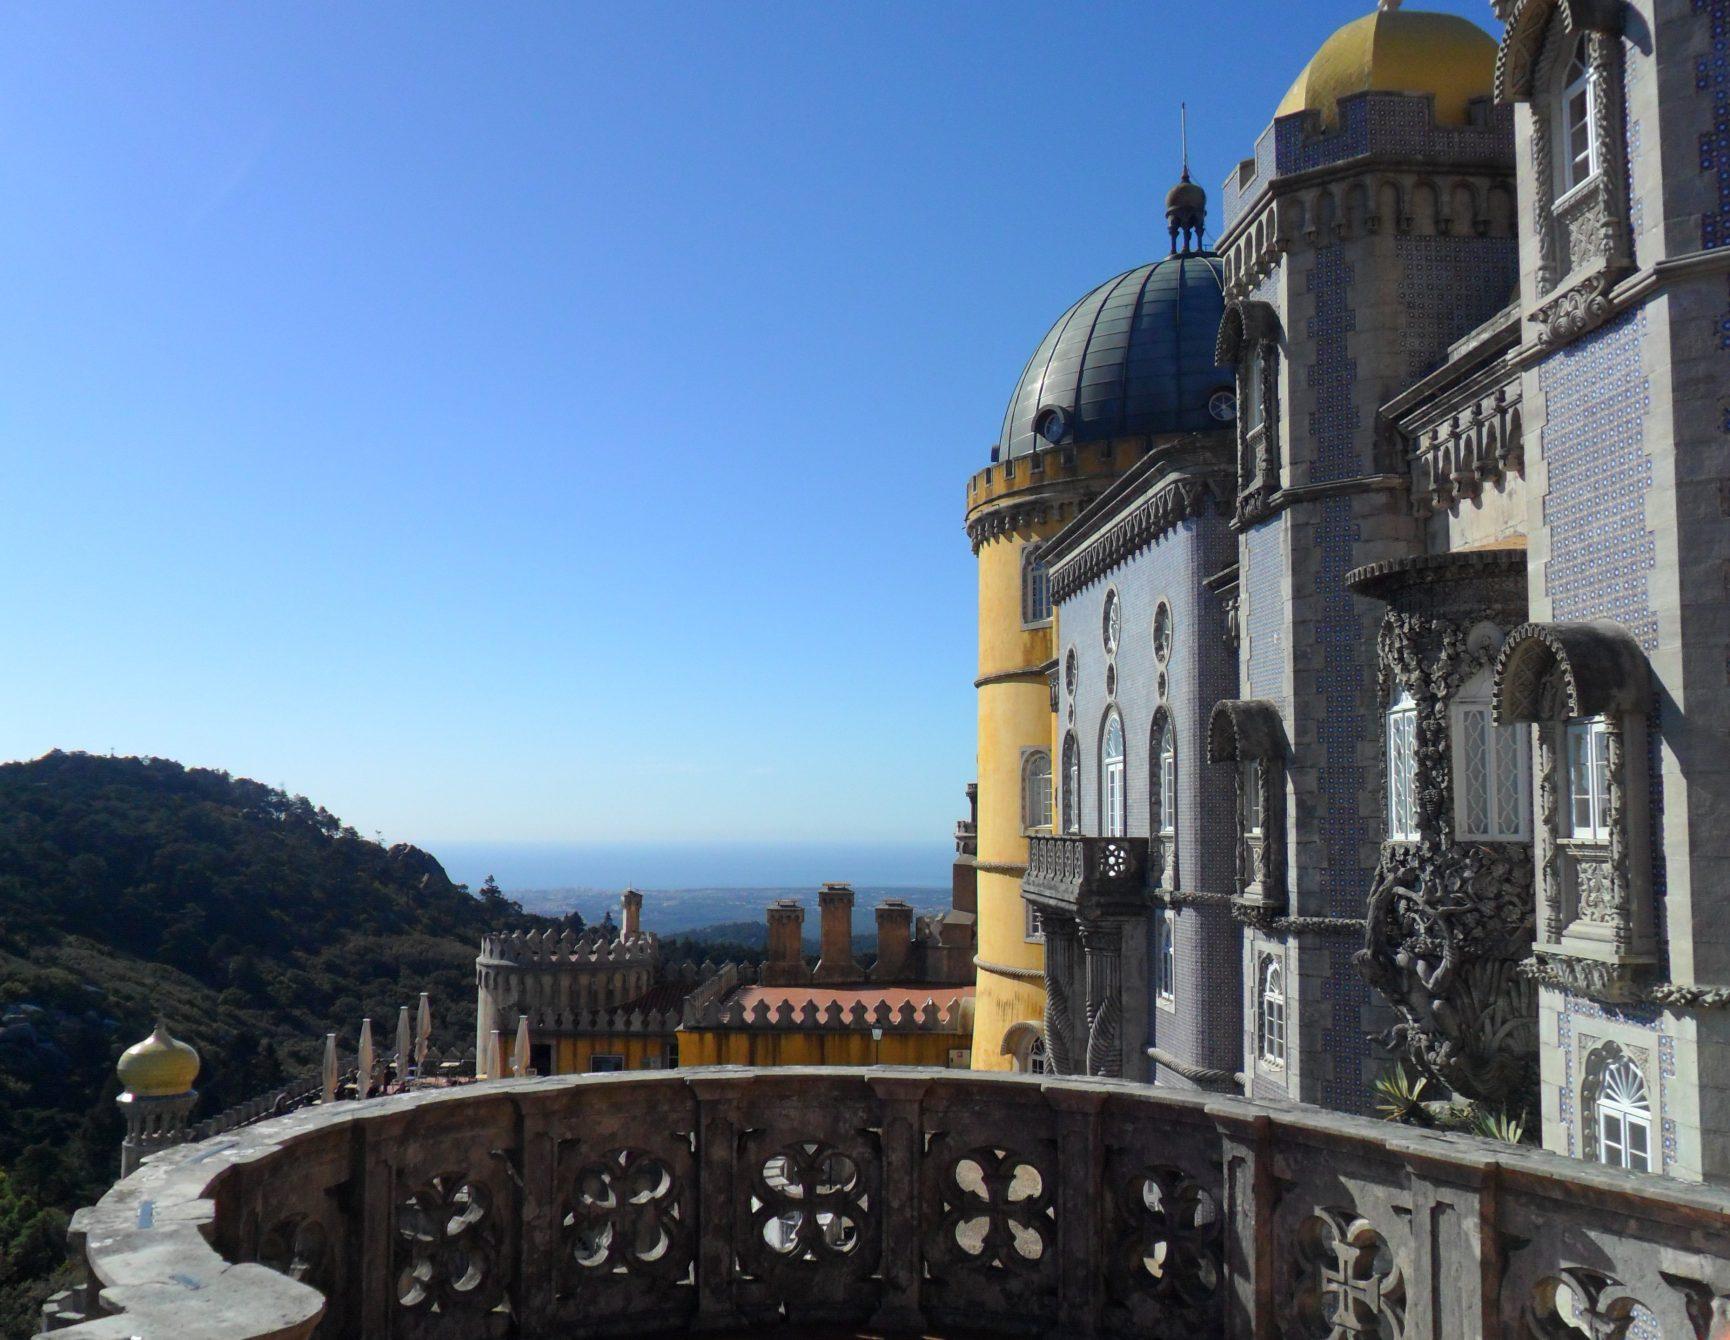 Moonluza w Parku Pena w Sintrze